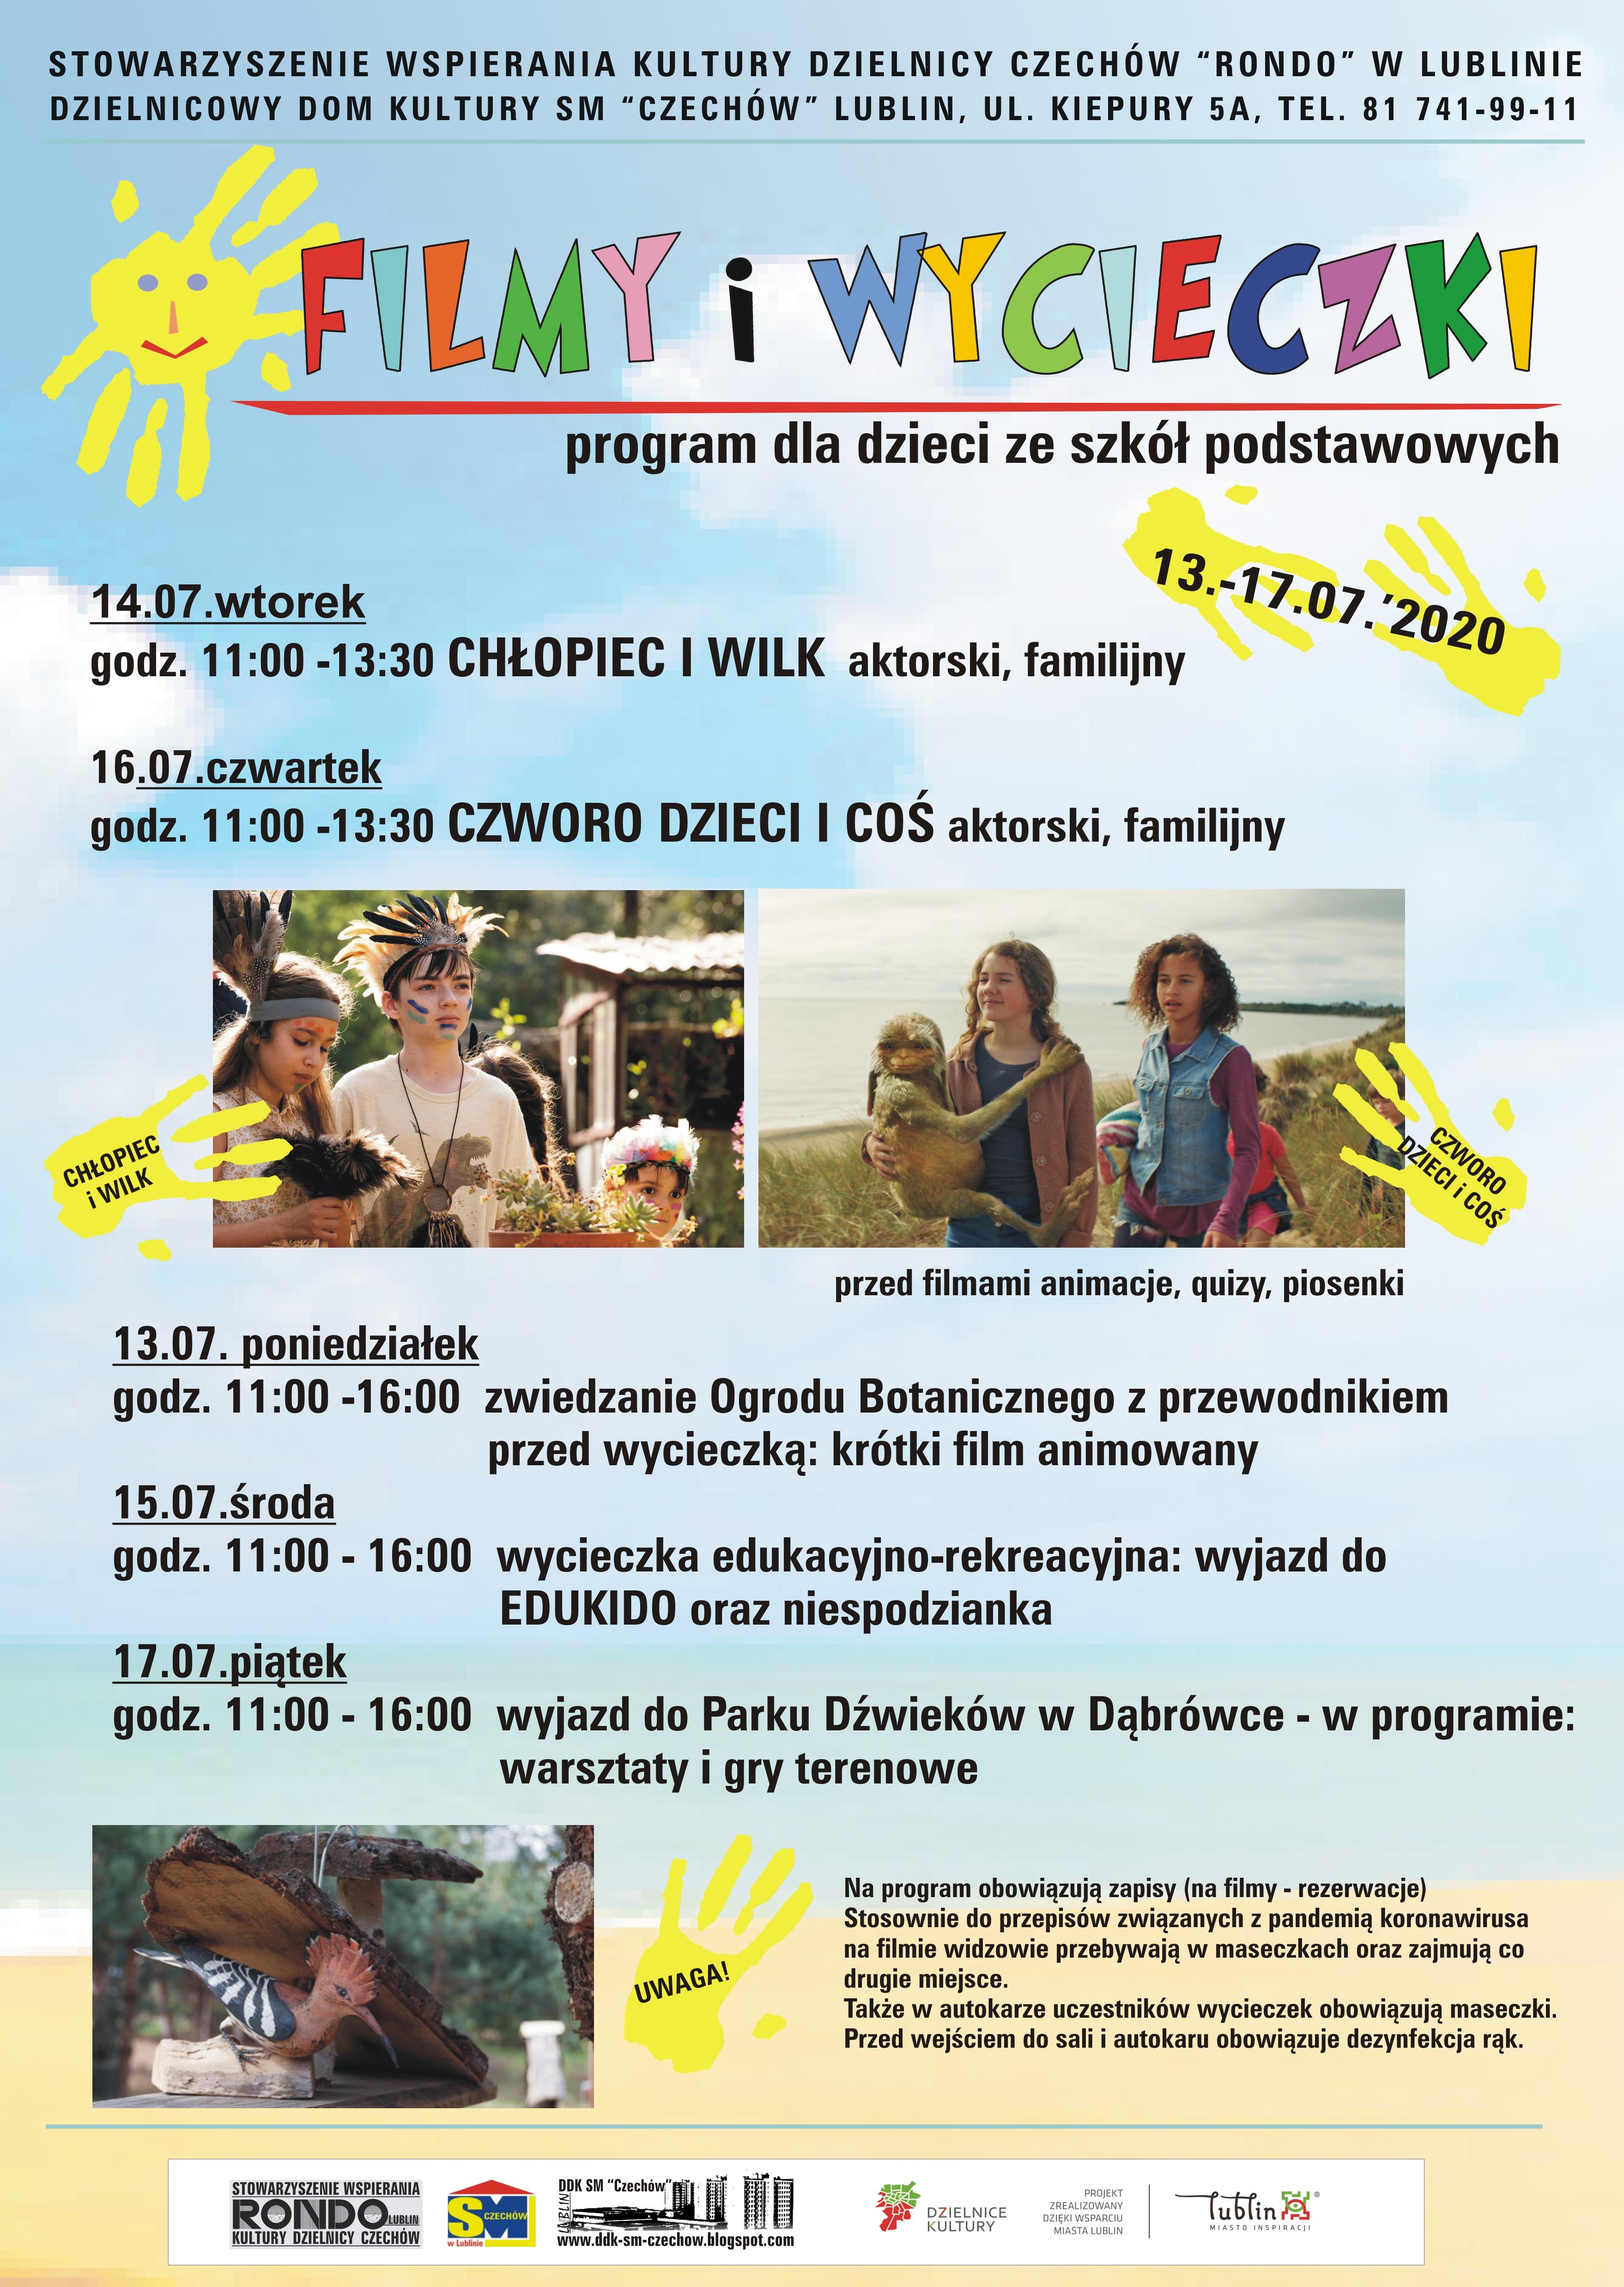 Filmy iwycieczki – 13-17.07.2020 r.